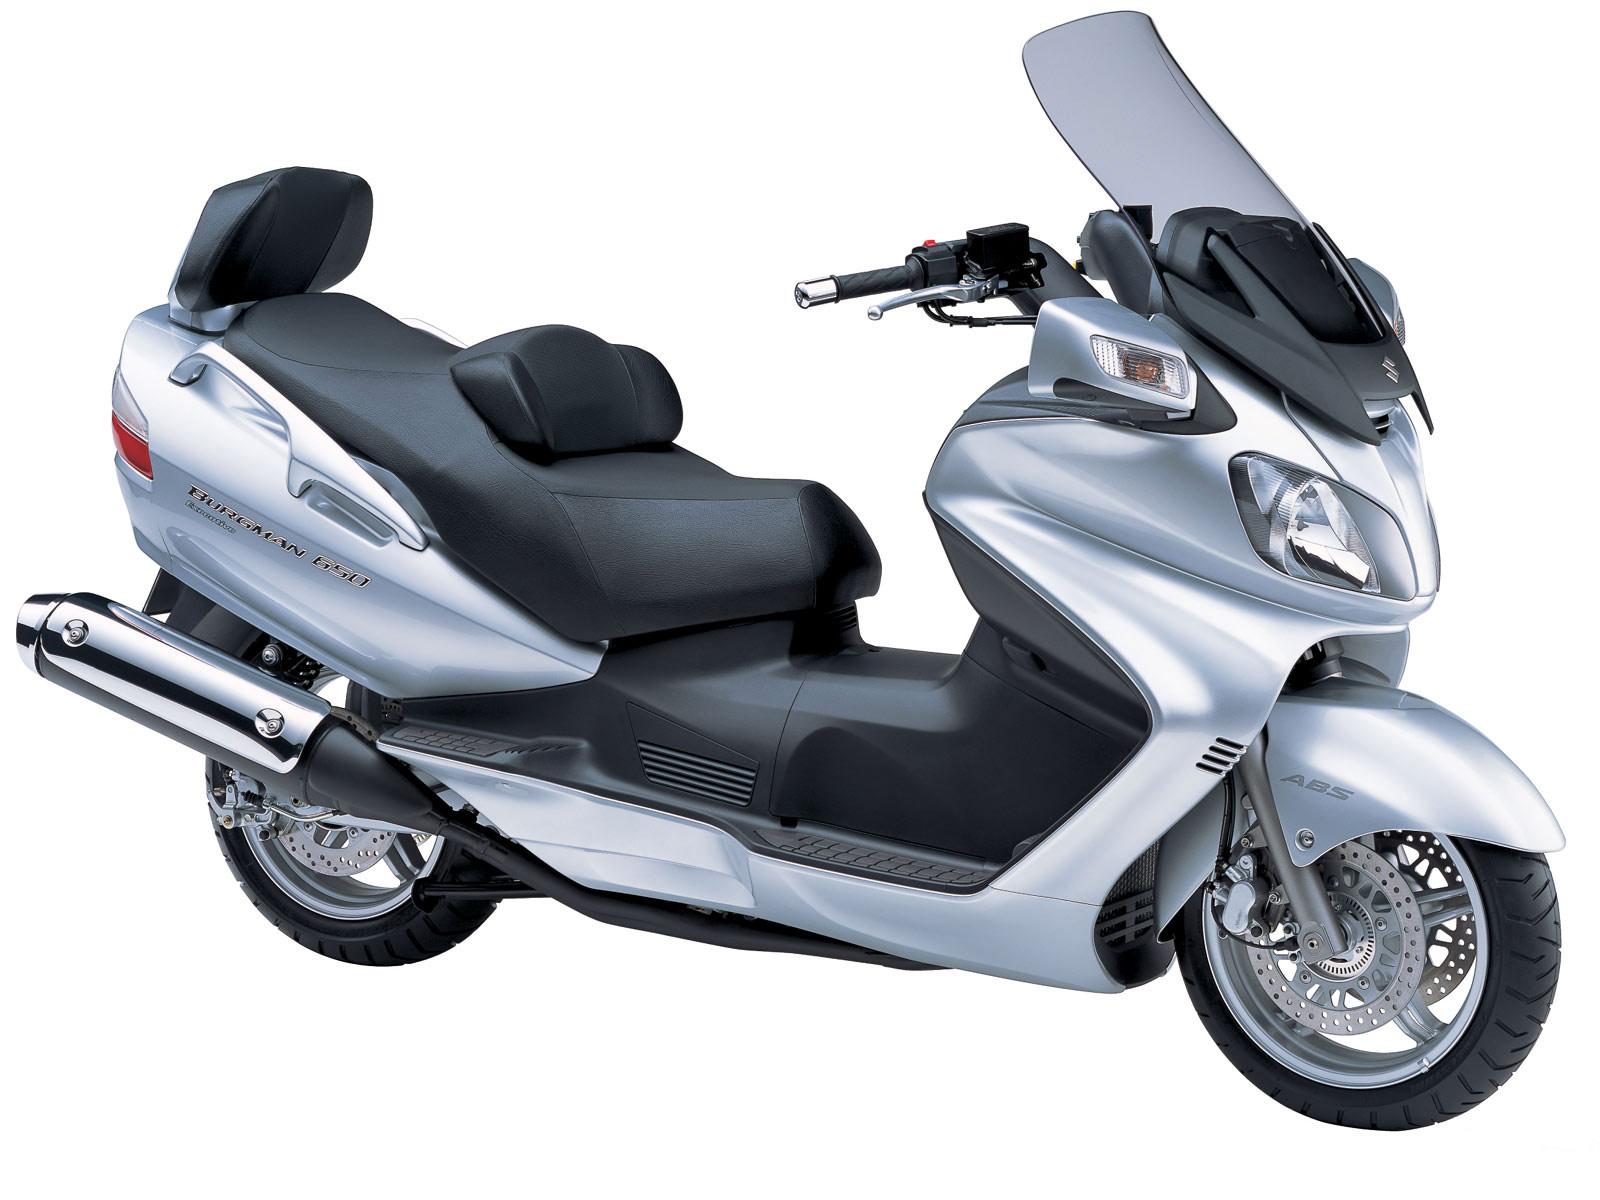 2005 SUZUKI AN Burgman 650 Executive scooter pictures ...